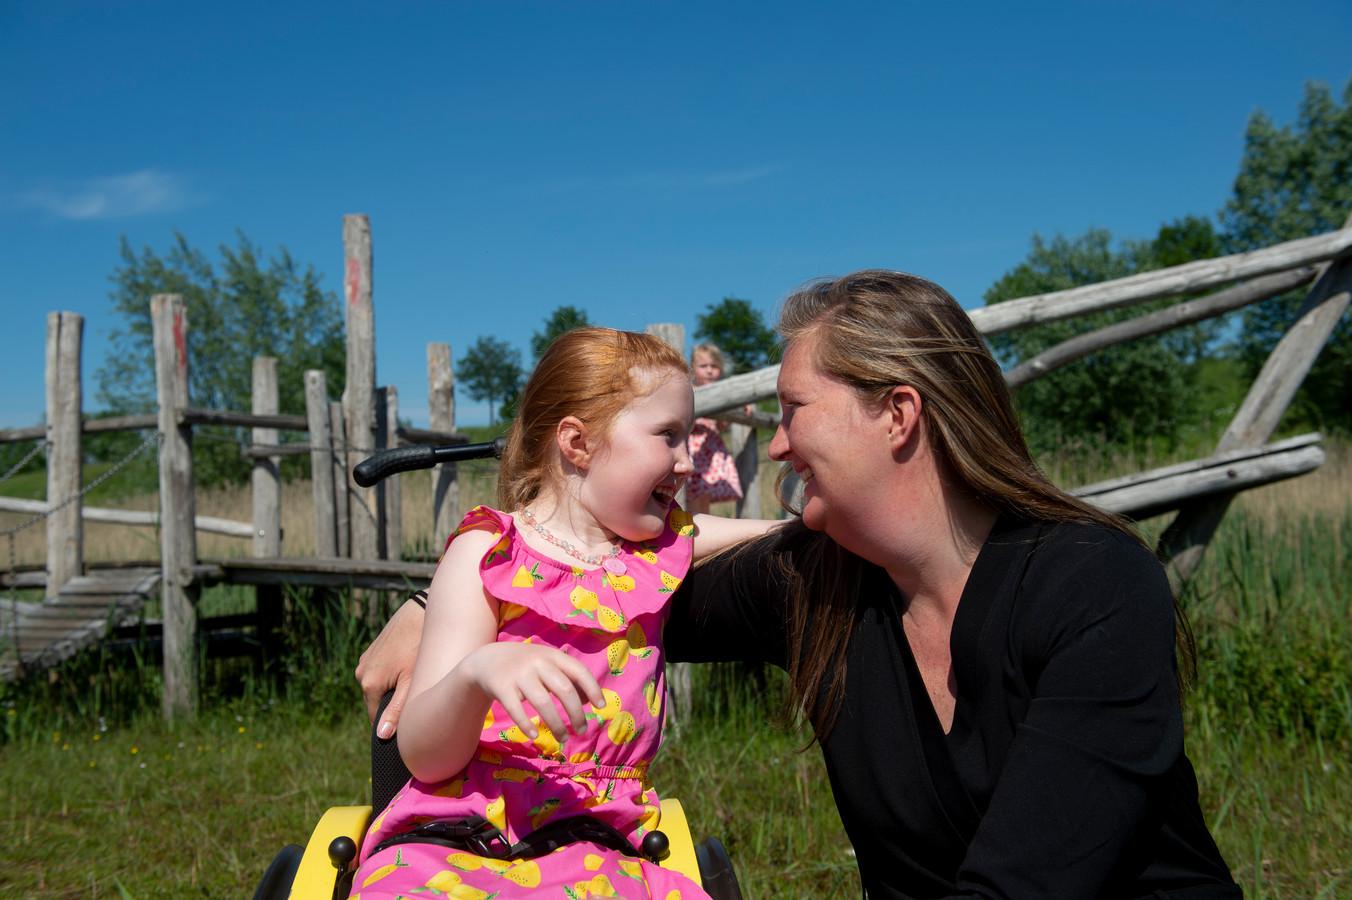 Willemijn en haar dochter Naomi in Apeldoorn, nog voor de wandeltocht van 700 kilometer. Ze loopt voor een goed doel, namelijk om een inclusieve speeltuin te realiseren voor haar dochter met spasme. Dit omdat andere speeltuinen in de buurt zijn voor Naomi toegankelijk zijn.